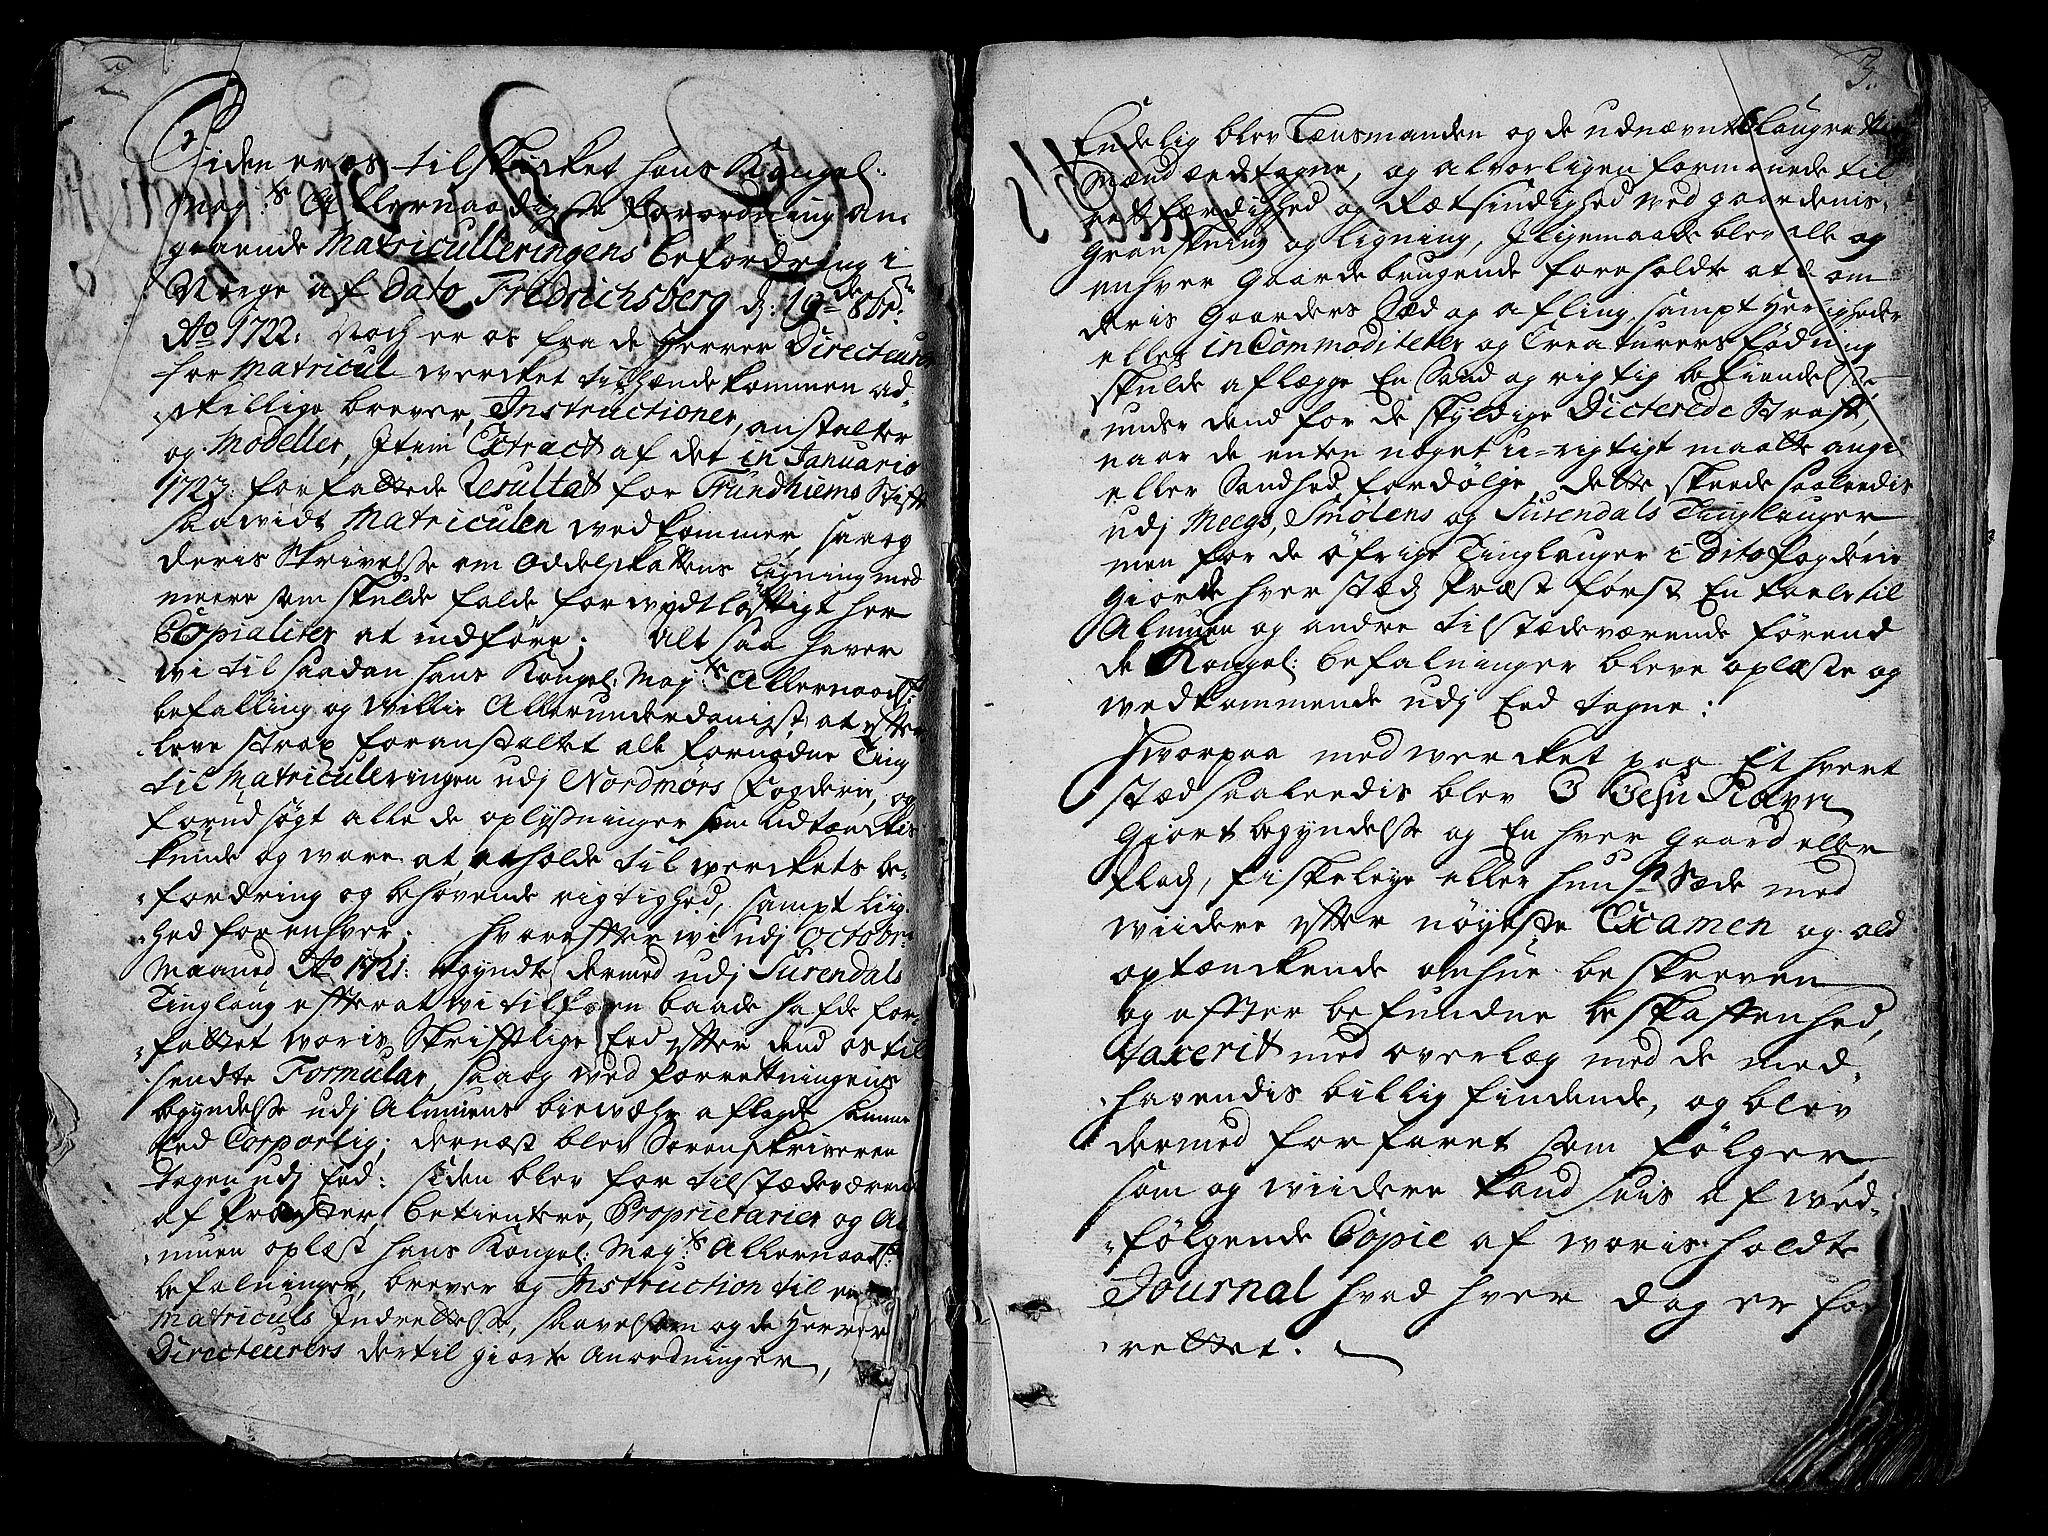 RA, Rentekammeret inntil 1814, Realistisk ordnet avdeling, N/Nb/Nbf/L0154: Nordmøre eksaminasjonsprotokoll, 1721-1723, s. 2-3